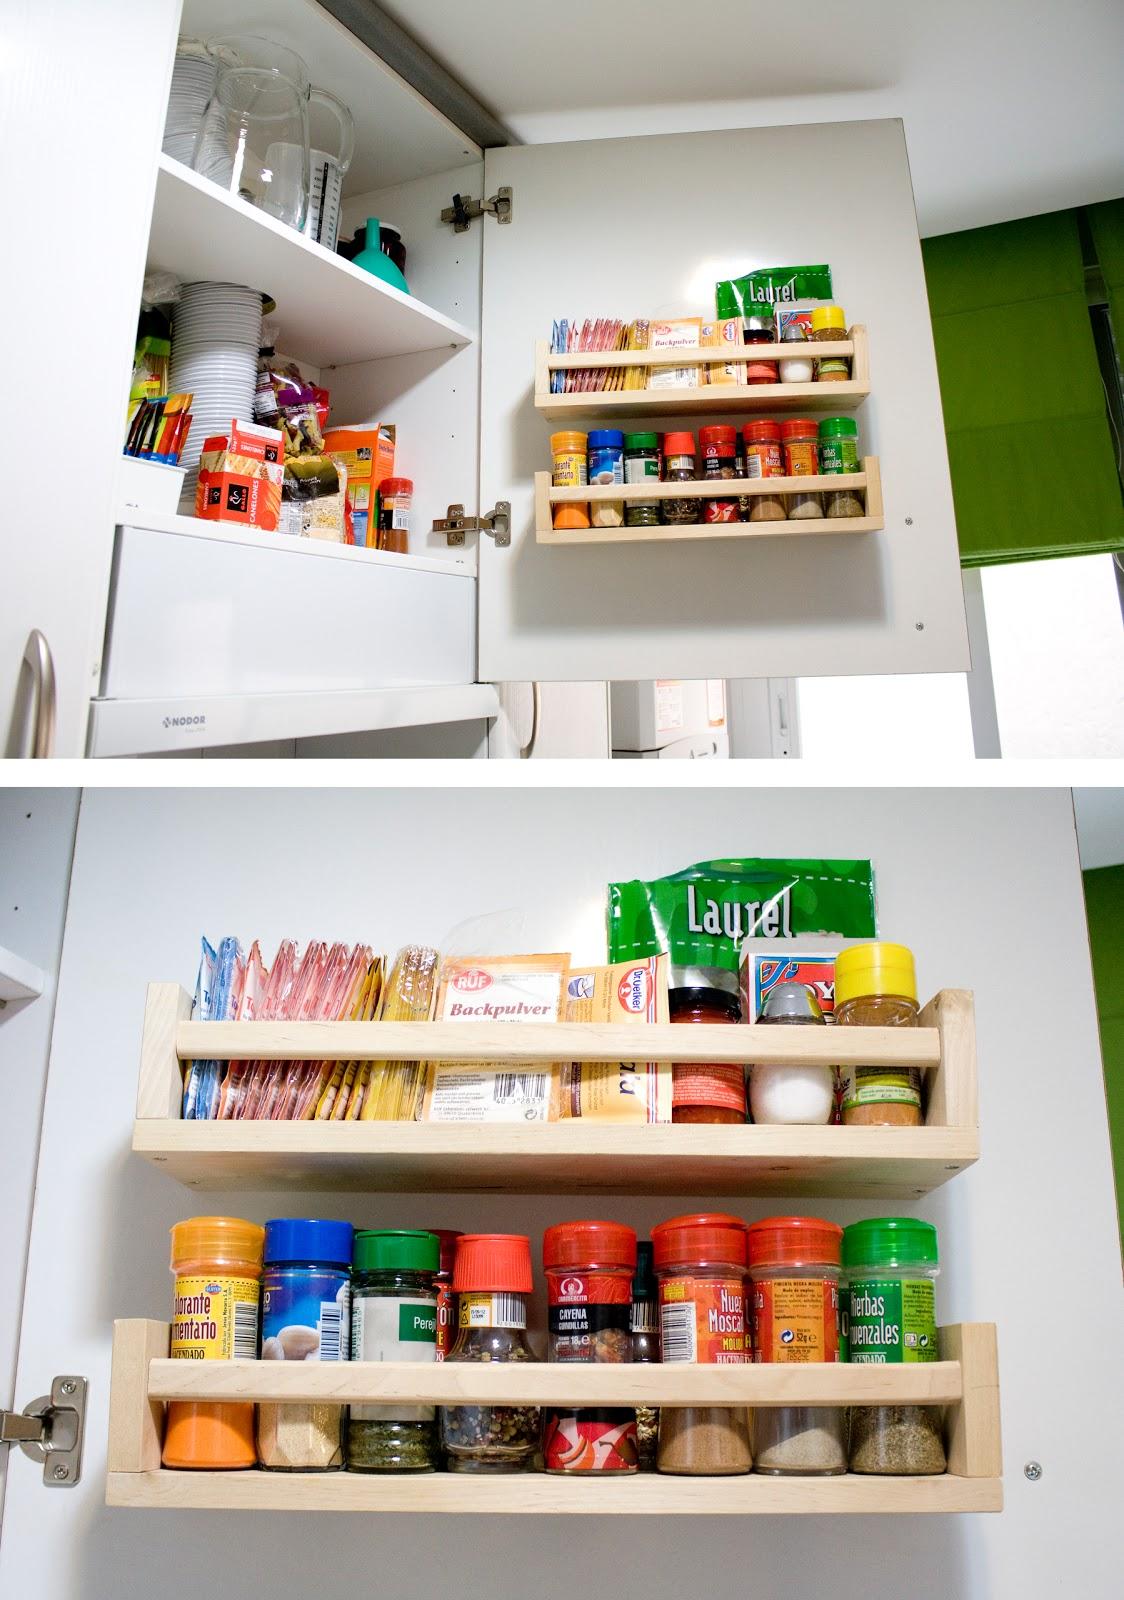 Blootiful montar un especiero en la puerta de un armario - Montar cocina ikea ...